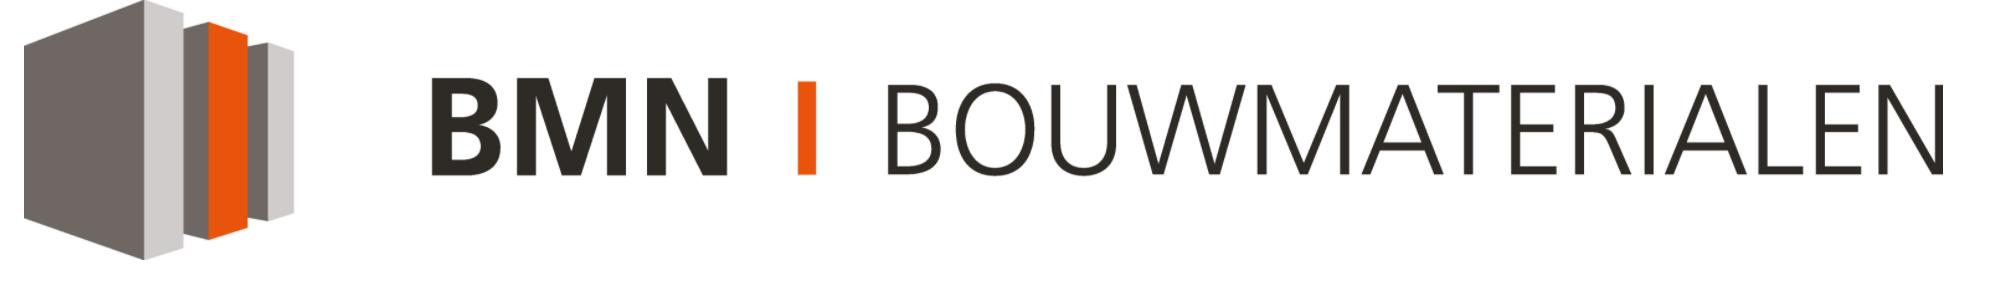 BMN Bouwmaterialen bedankt!